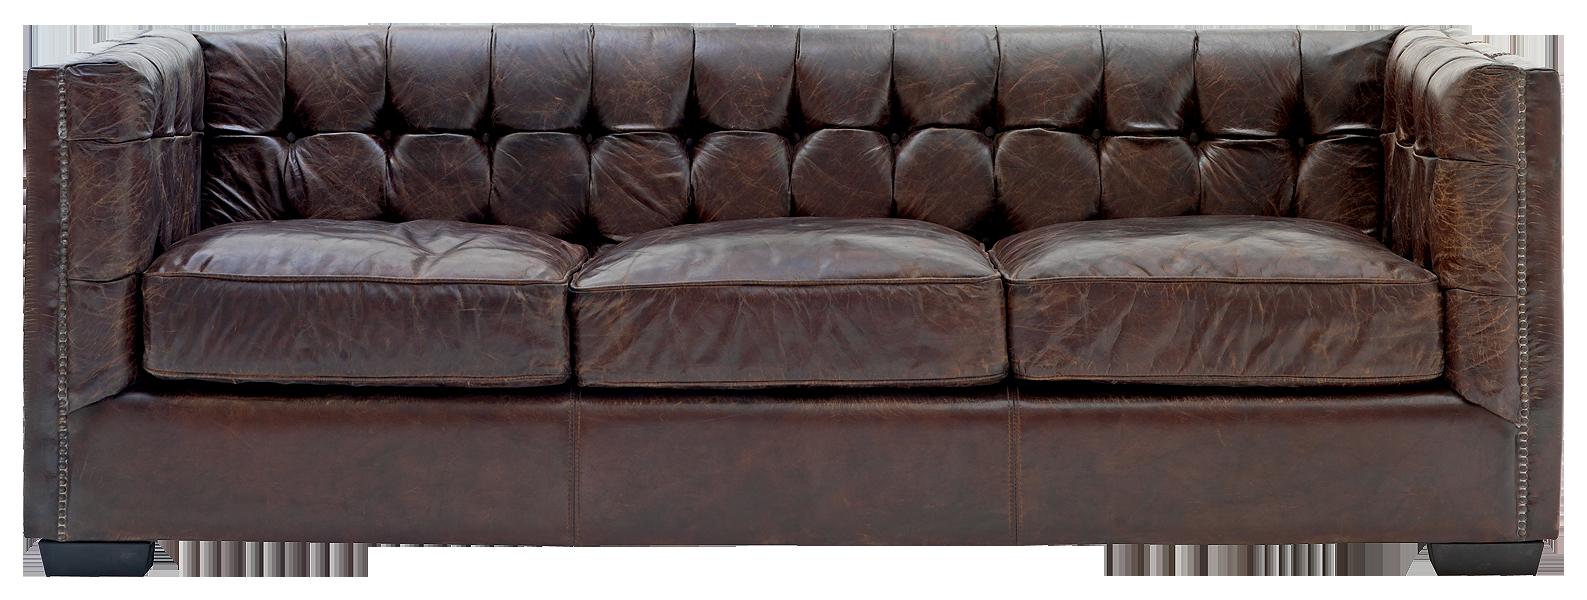 Sofa PNG image - Sofa PNG